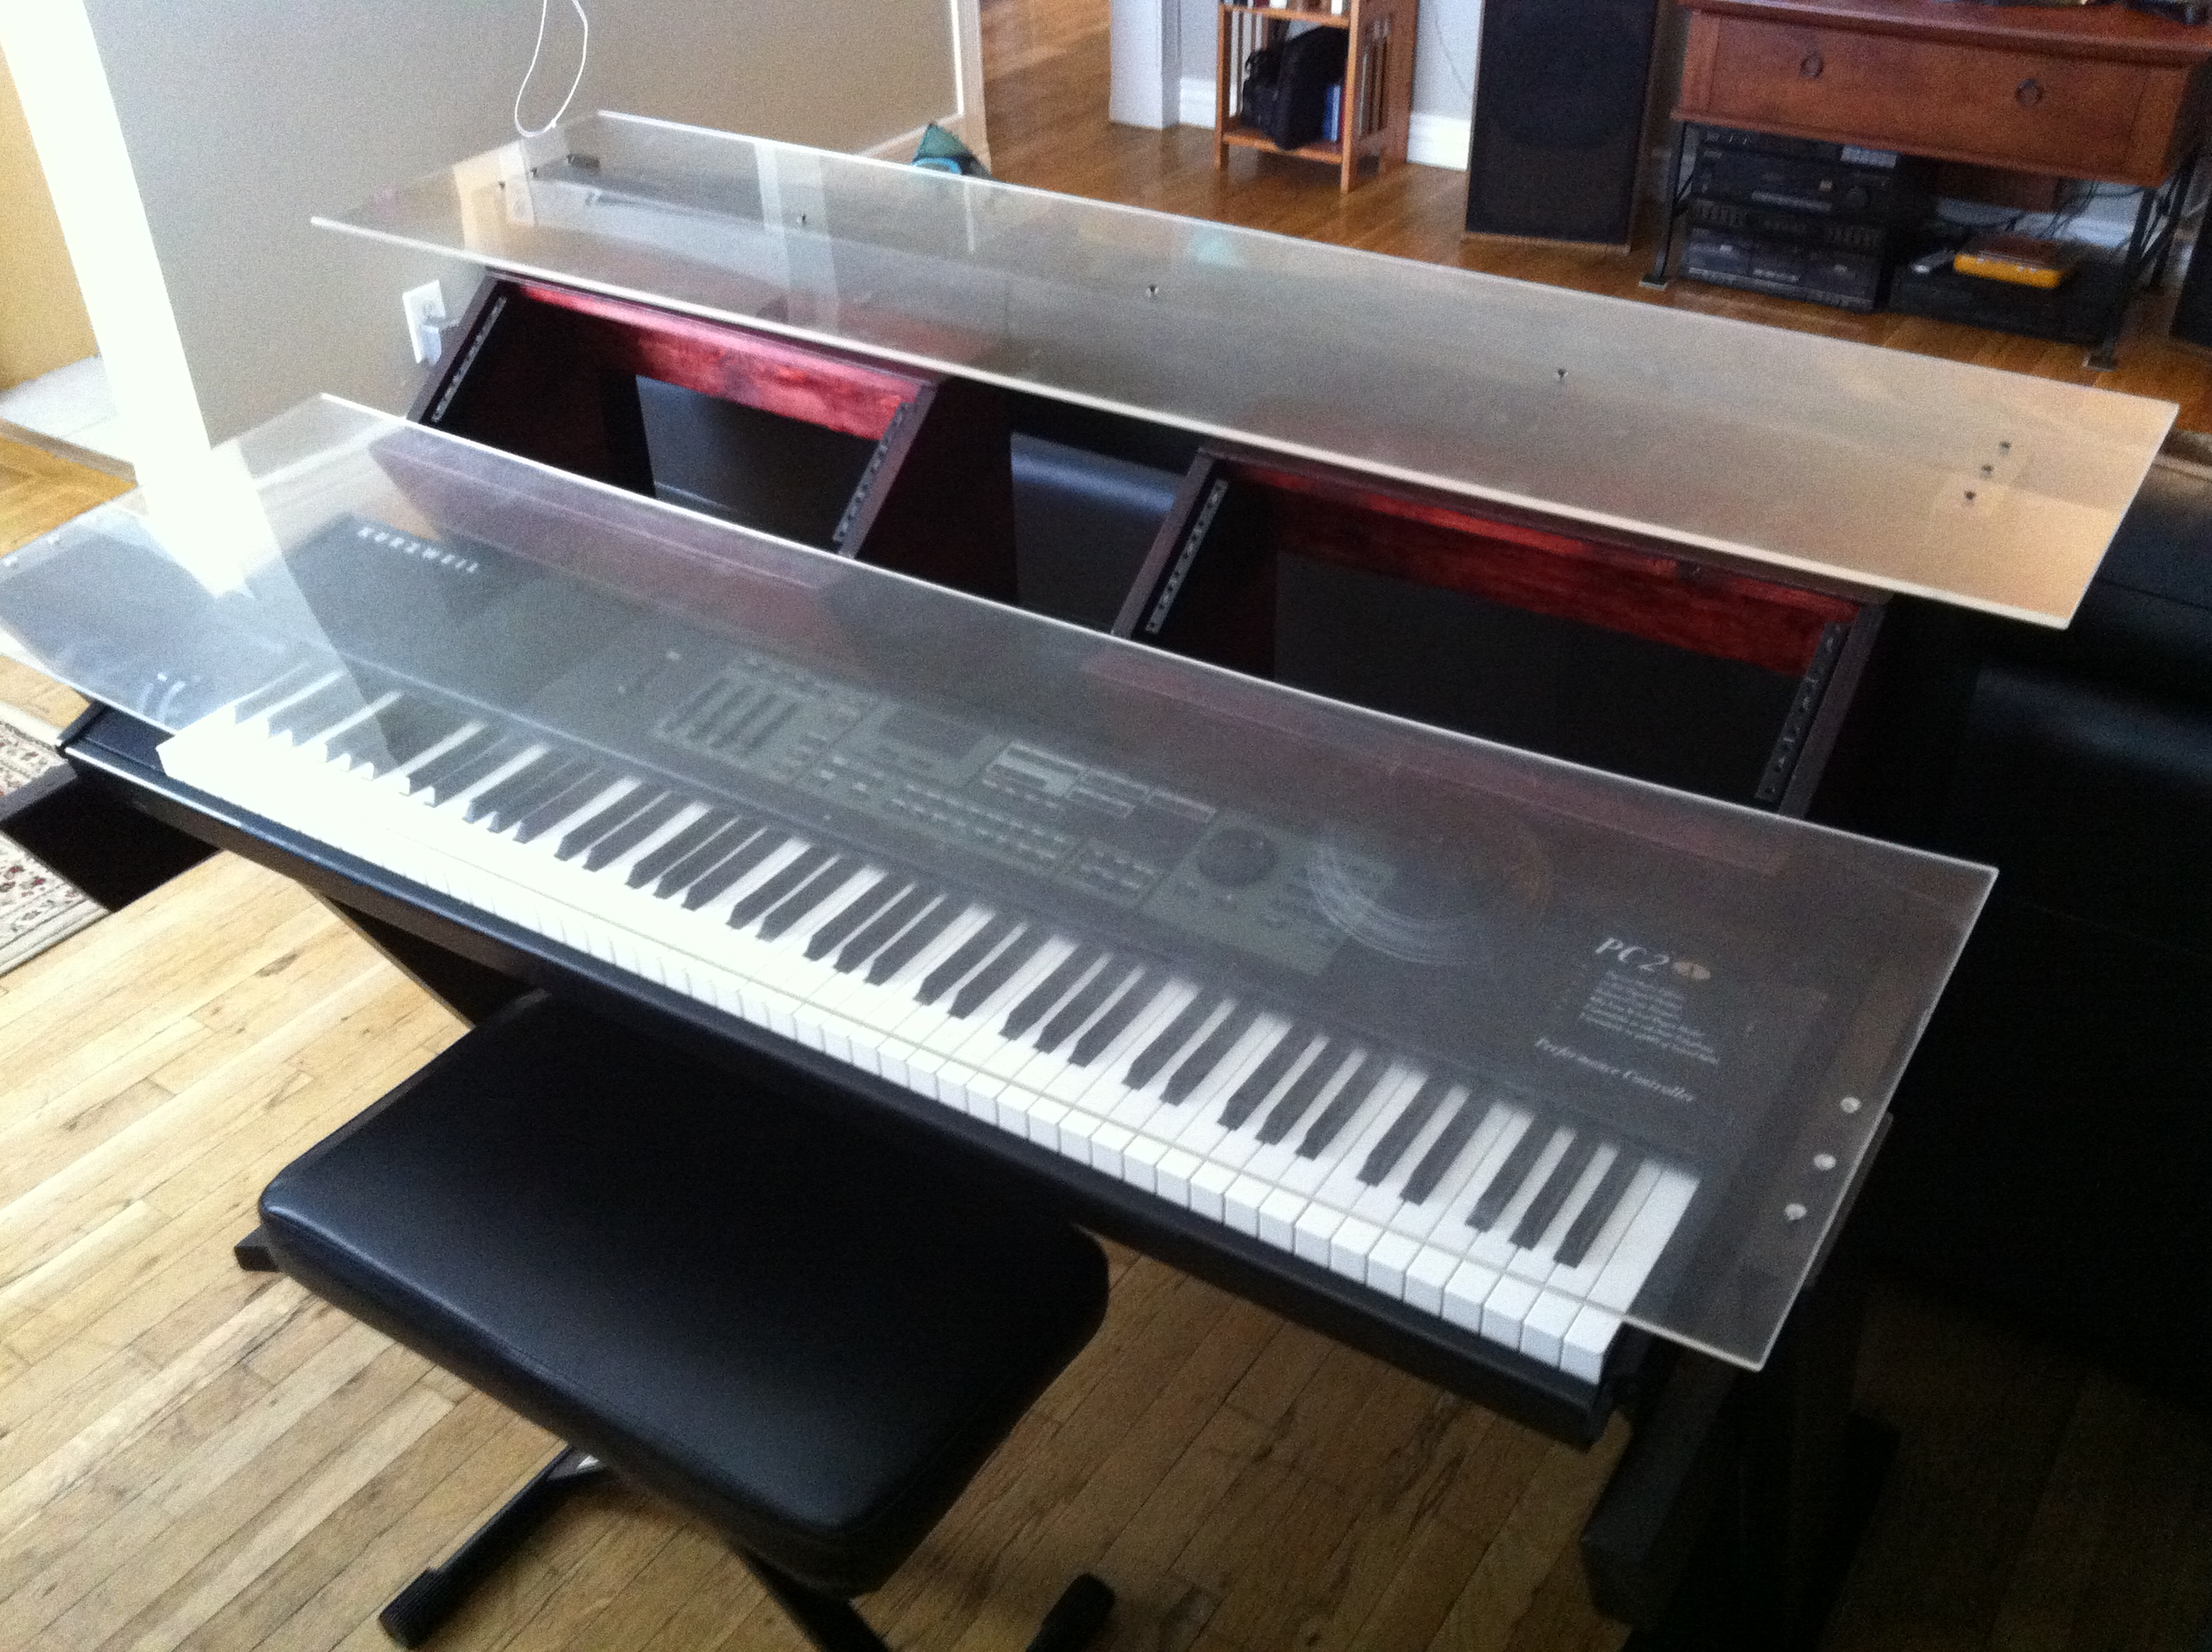 DIY Studio Desk/Keyboard Workstation under $100 - Page 2 - Gearslutz ...